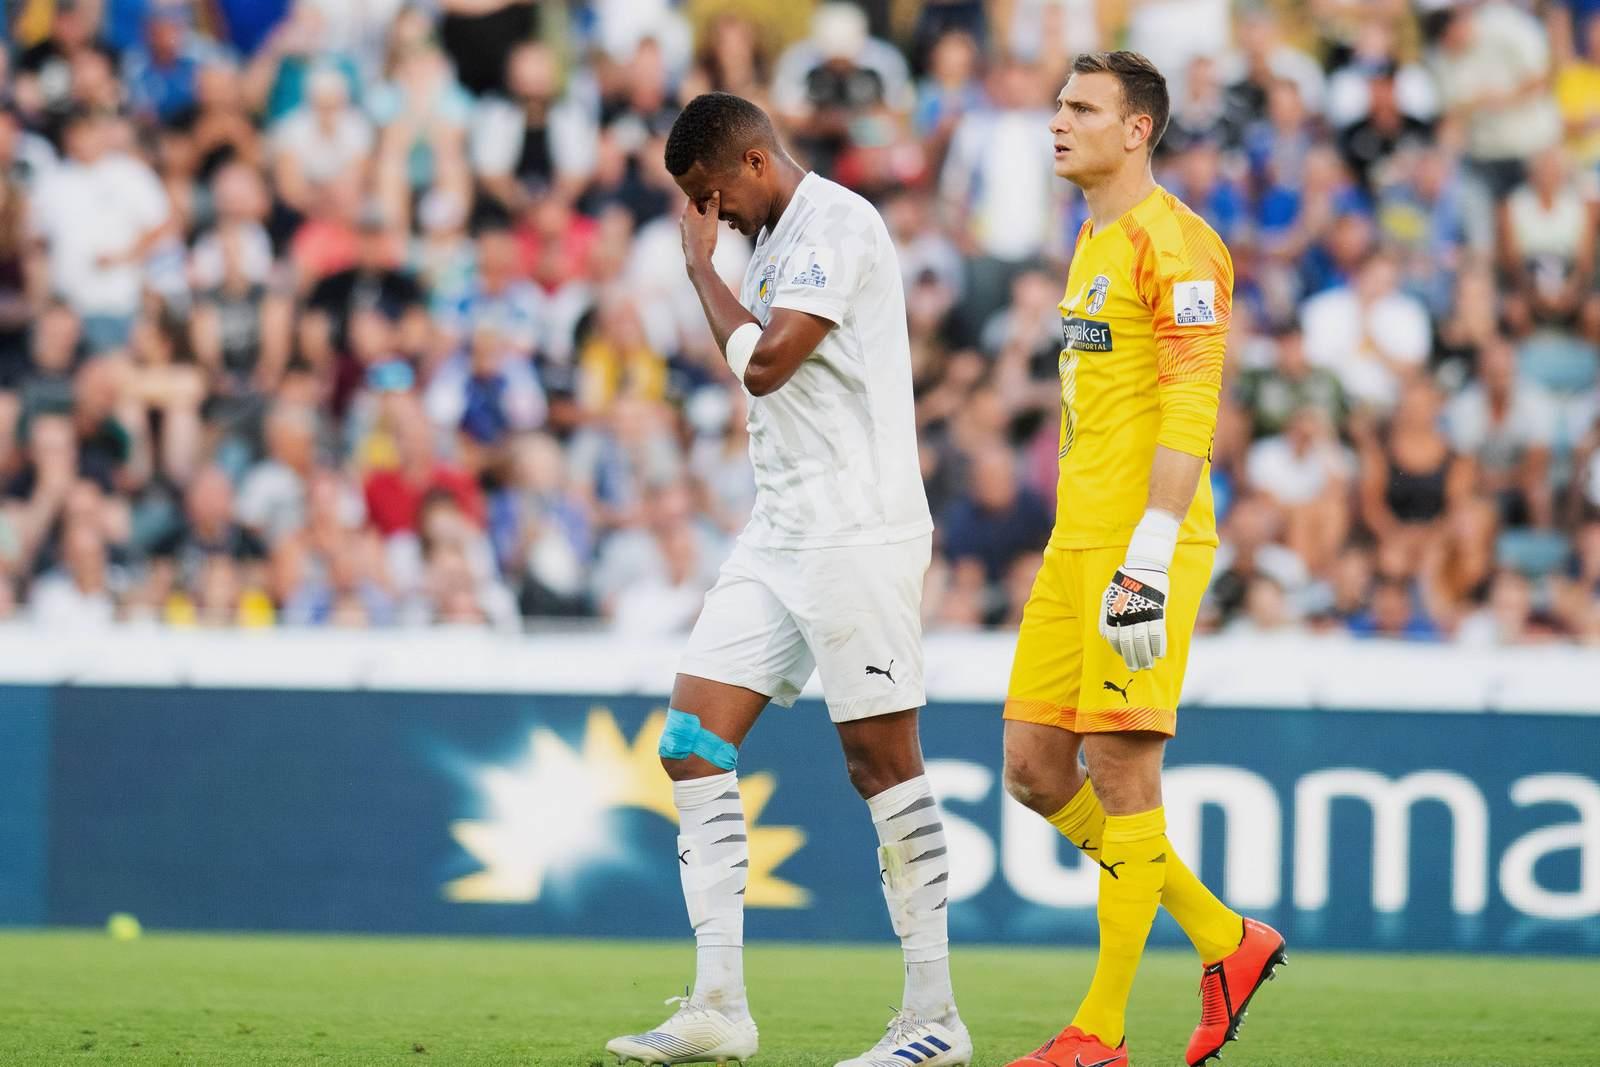 Marian Sarr enttäuscht nach dem 1:2 gegen Ingolstadt